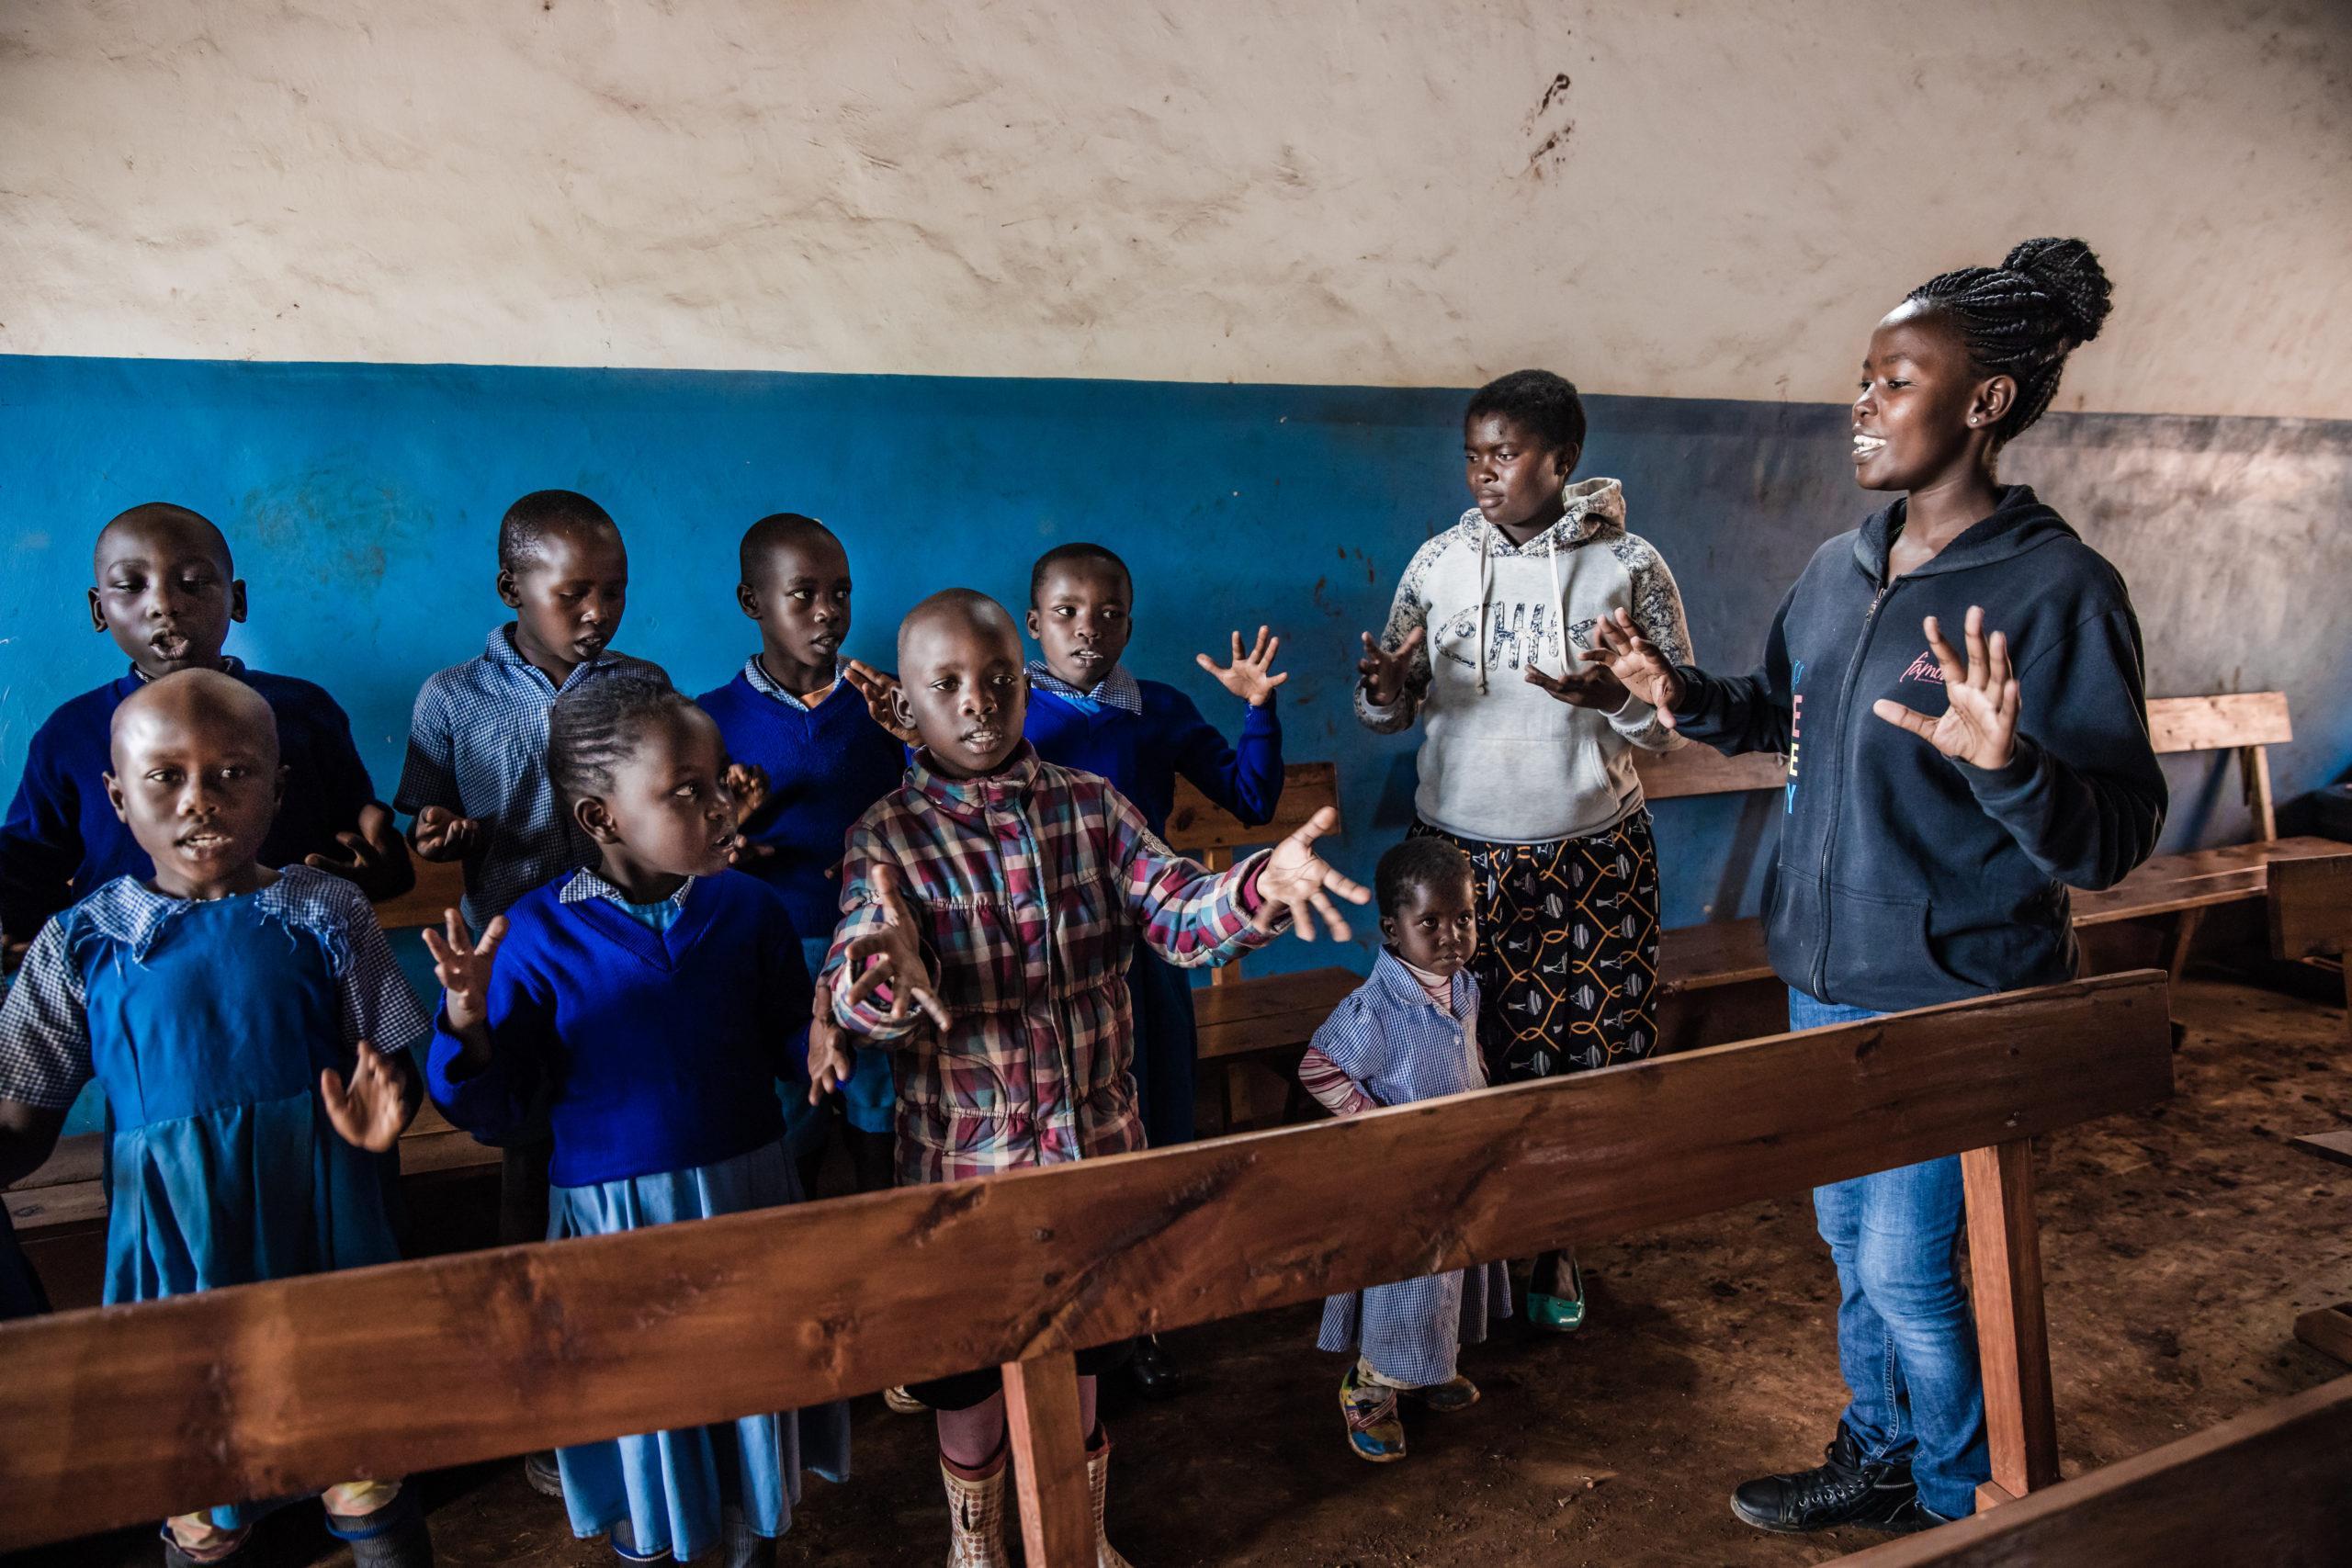 Tarinansa kertonut Neema Nyaundi on kuvassa oikealla laulattamassa koululaisia. Lapset pääsevät käsittelemään vaikeaa silpomisaihetta ikätasoonsa sopivalla tavalla laulun keinoin. kuva: Meeri Koutaniemi